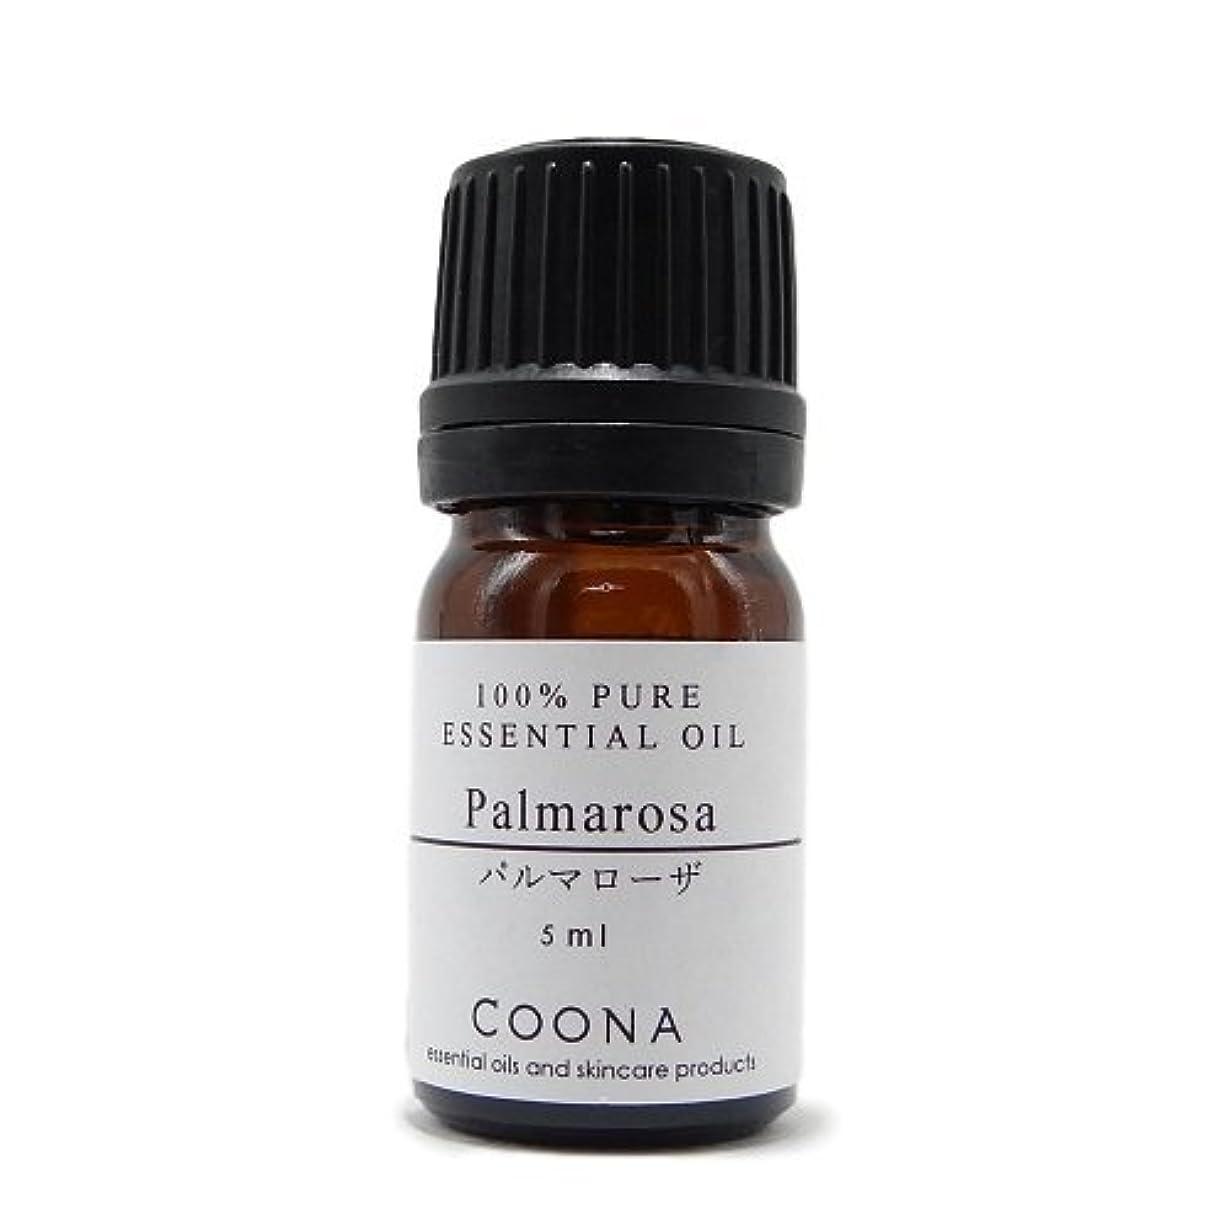 ネスト疑わしい公パルマローザ 5 ml (COONA エッセンシャルオイル アロマオイル 100%天然植物精油)